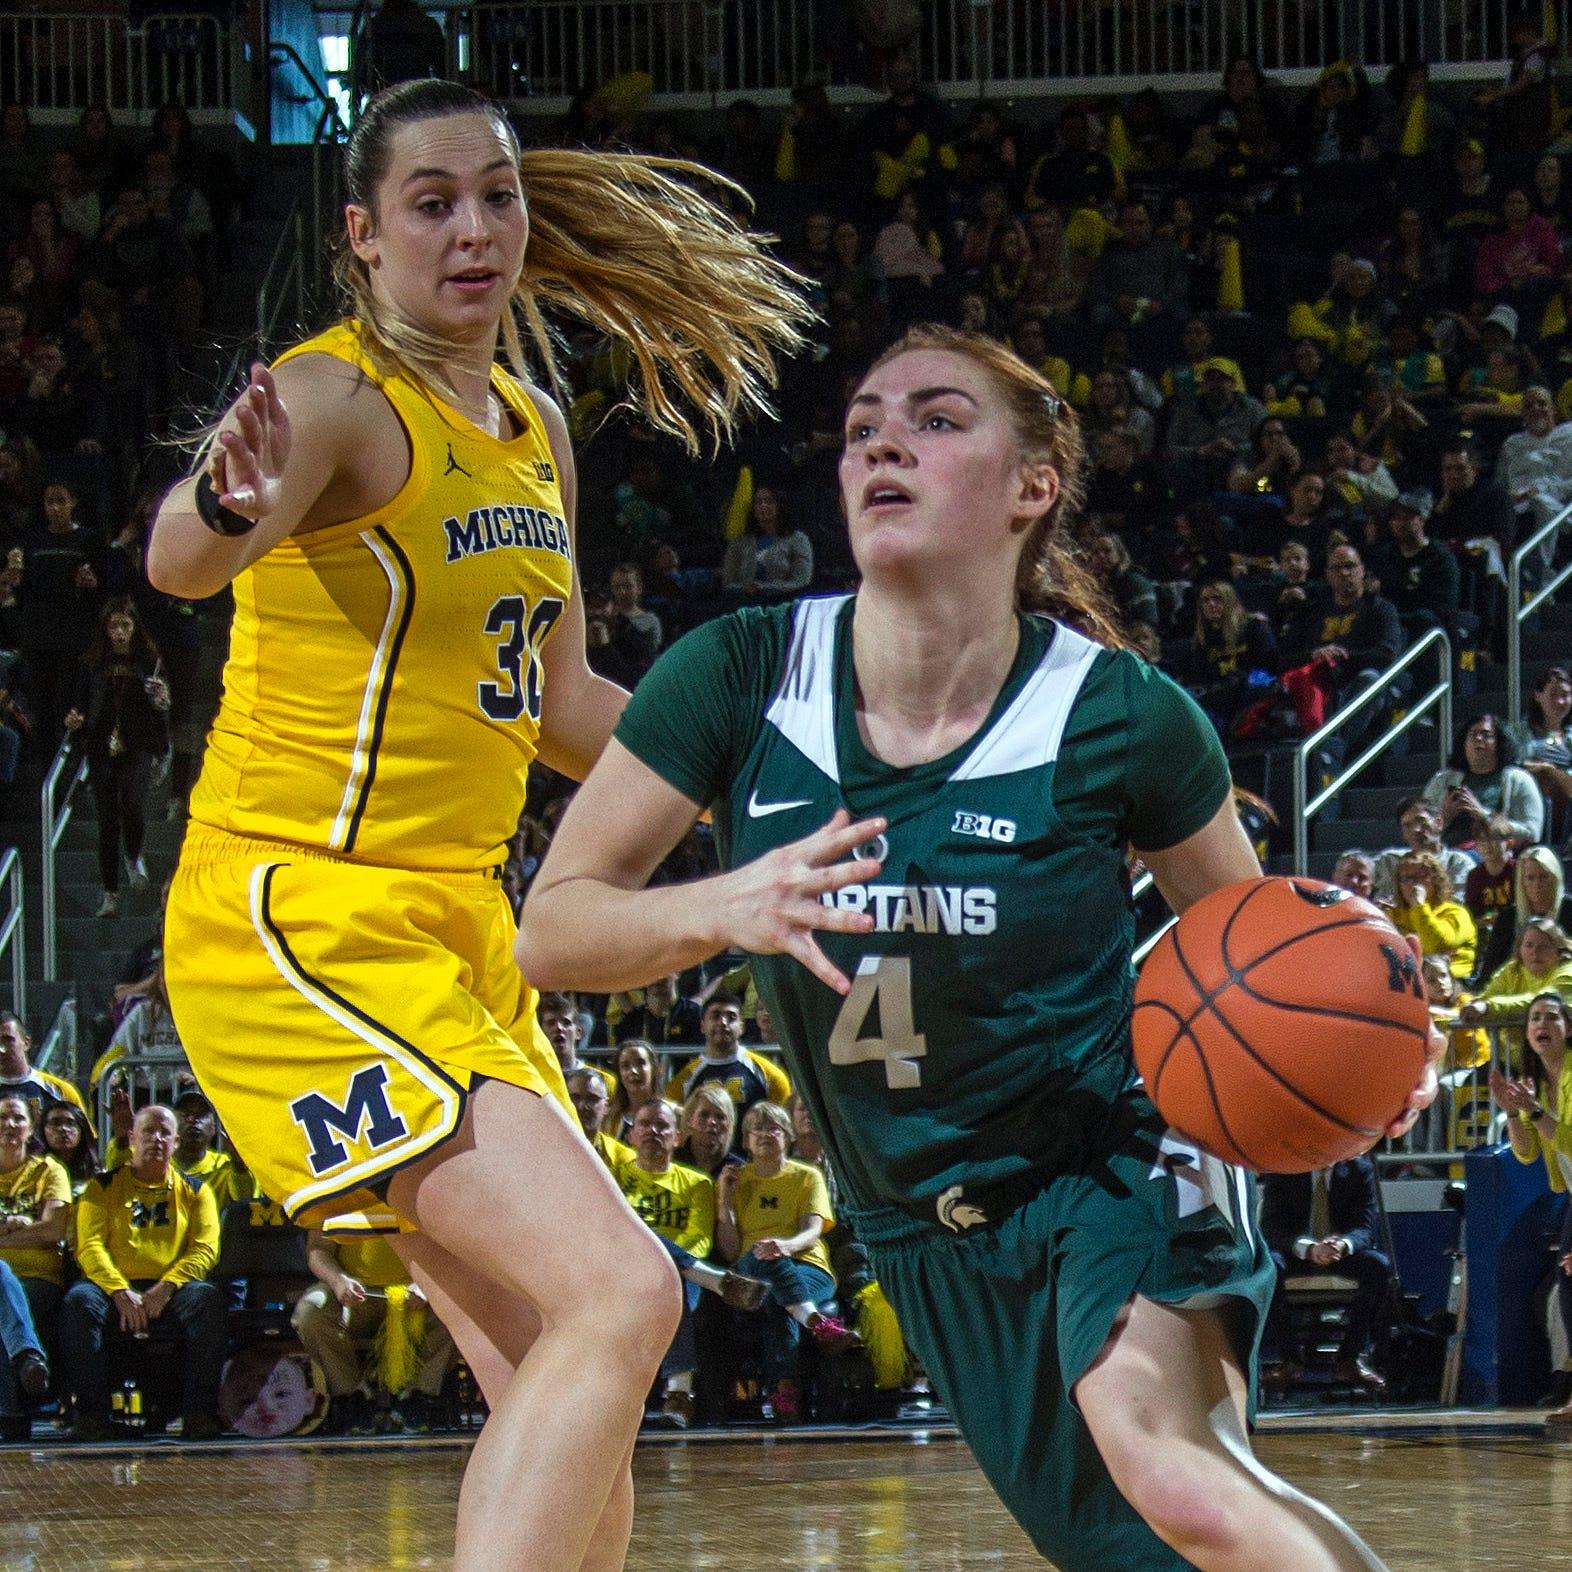 NCAA women's tournament: Michigan in, Michigan State vs. CMU at Notre Dame